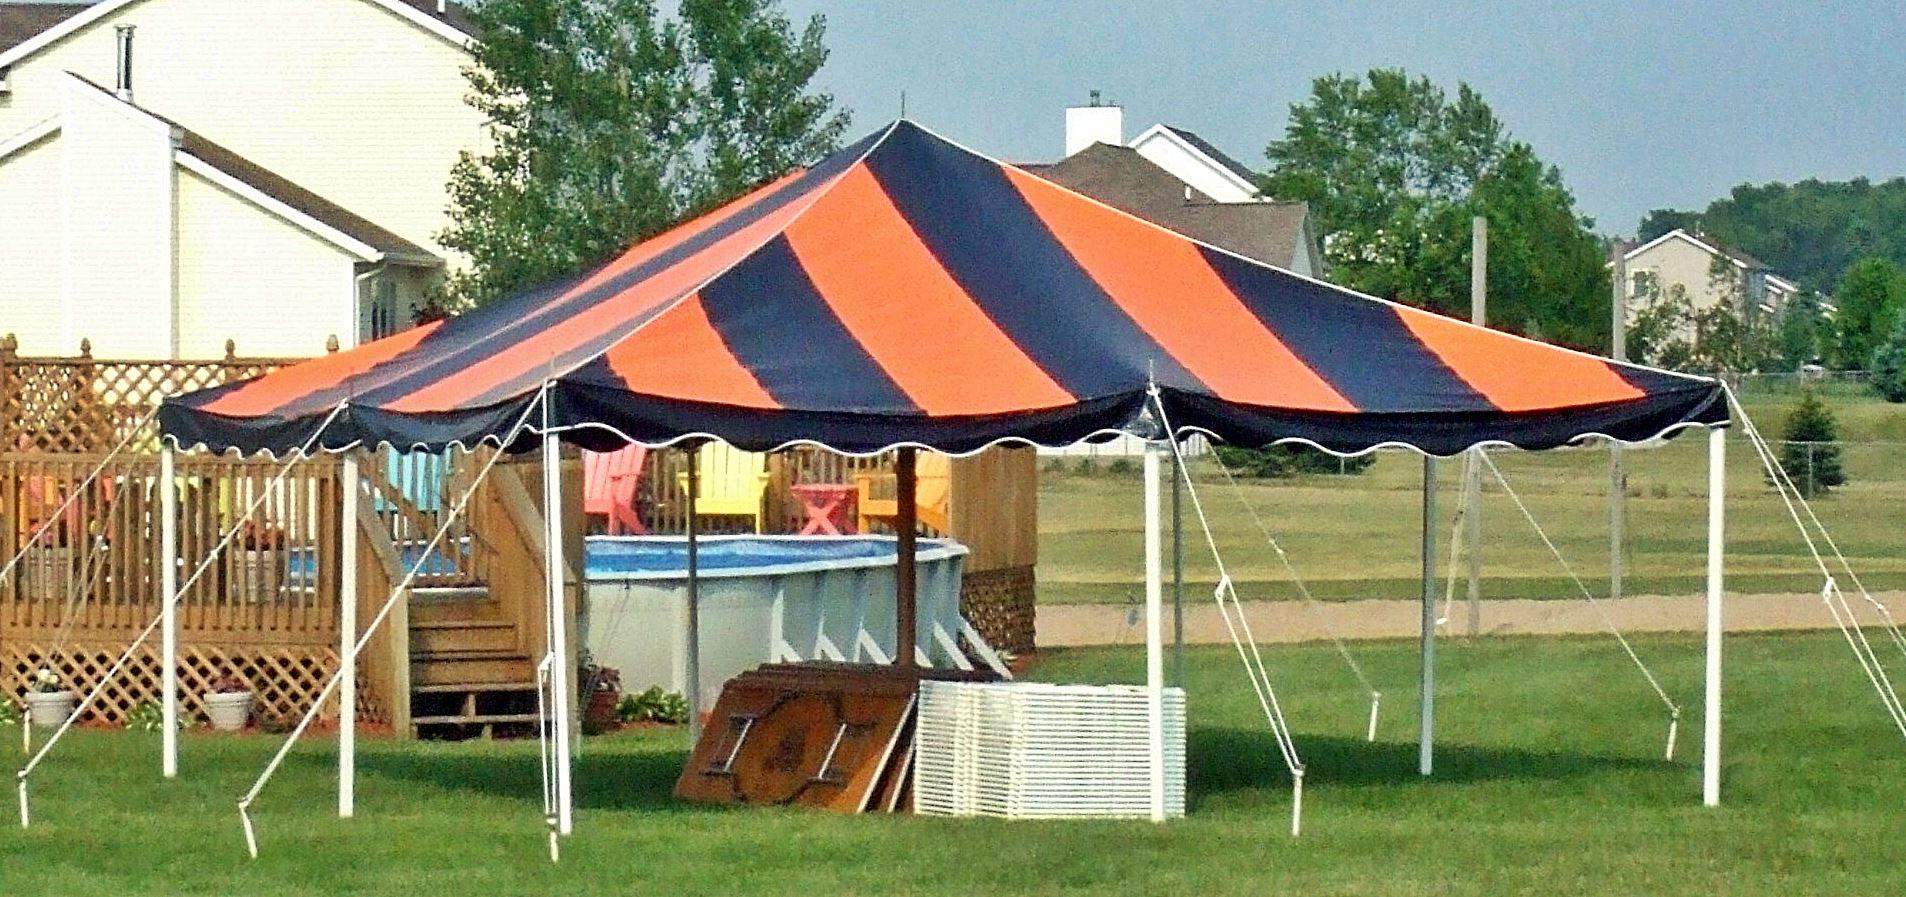 B-n-t Tents inc  - Event Tent Rental, Party Tent Rentals, Wedding